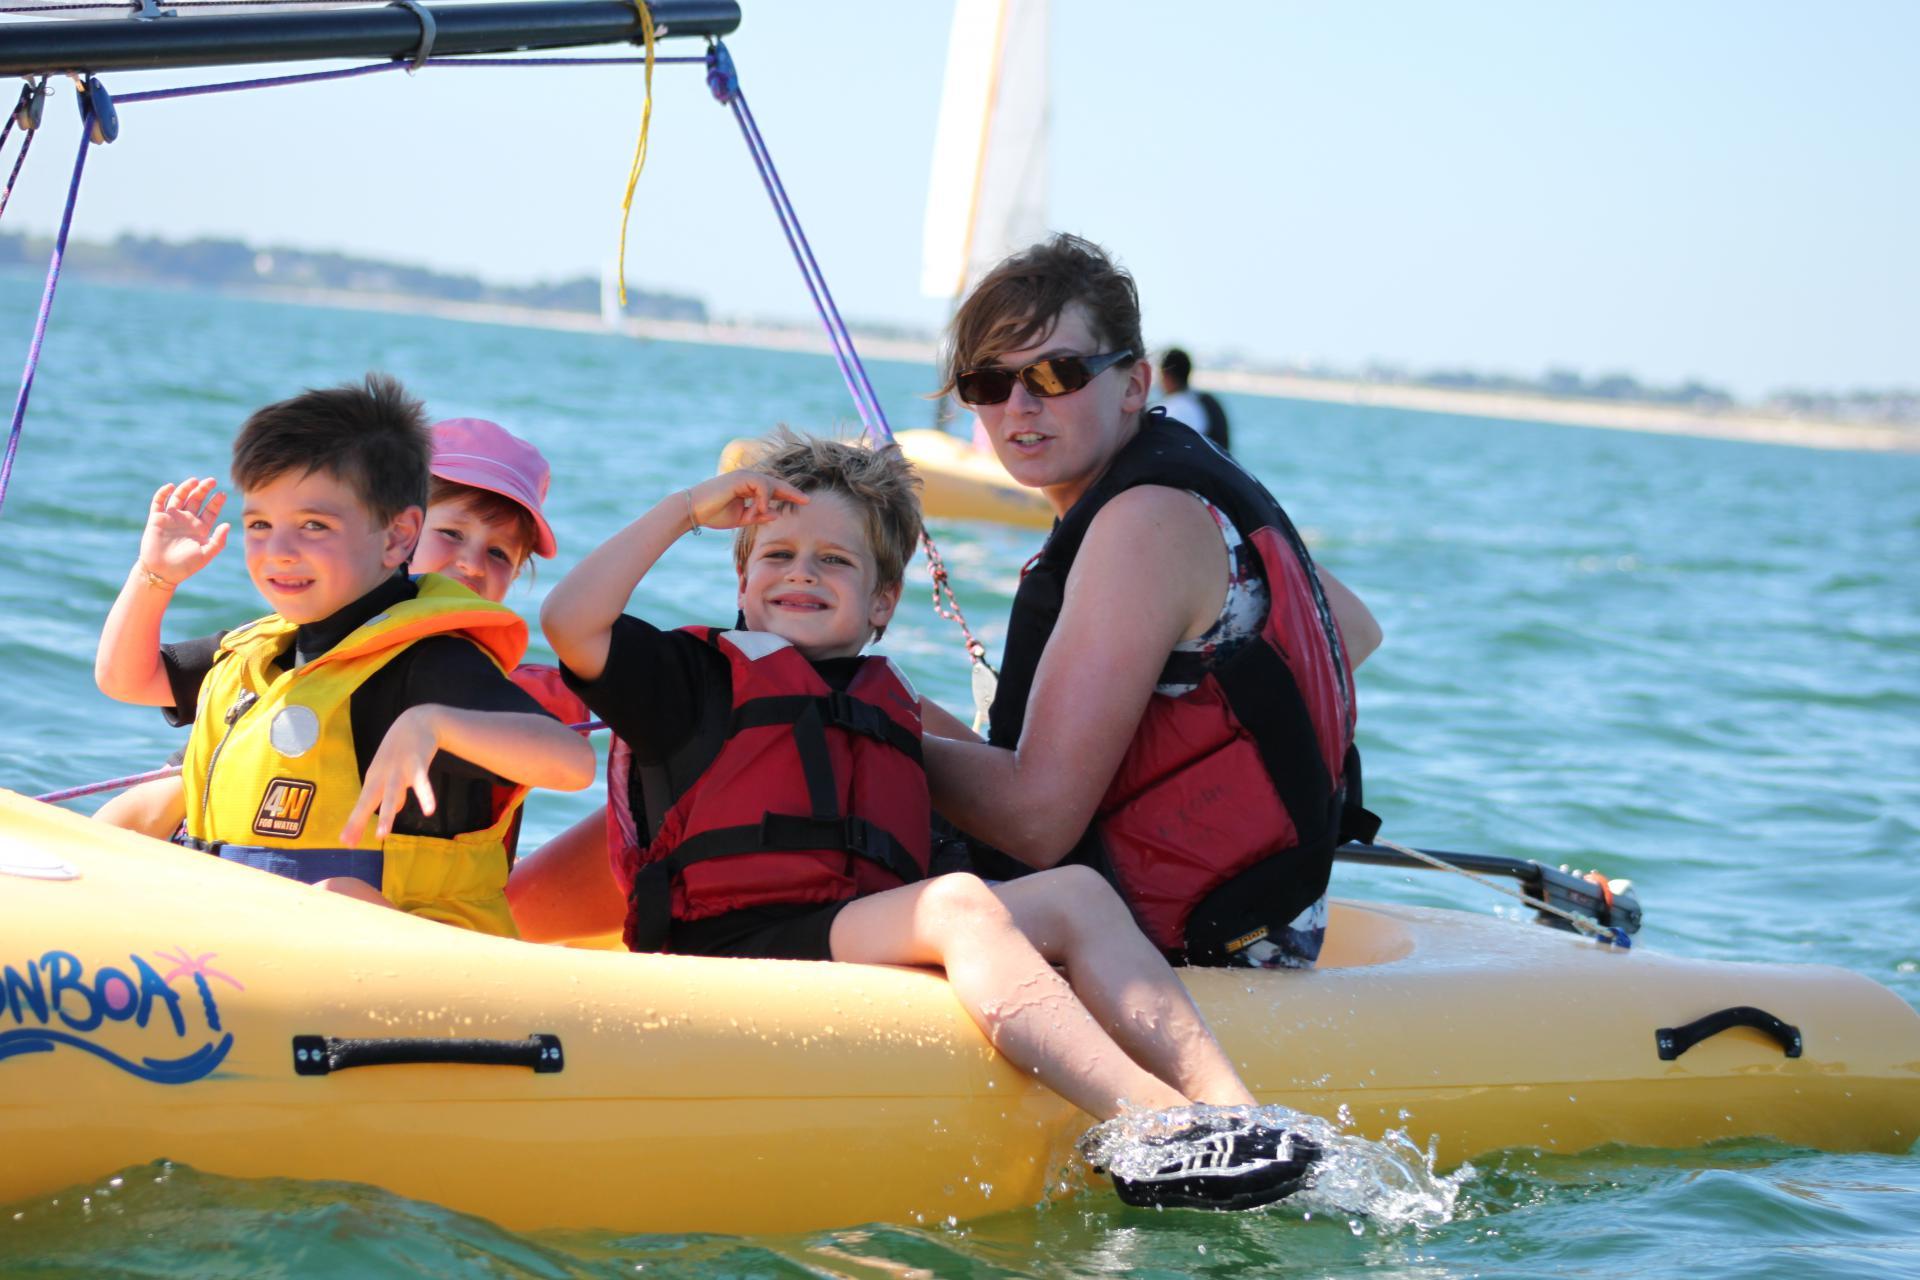 Club Nautique du Rohu - Les moussaillons sont de sortie en Funboat accompagnés de leur monitrice